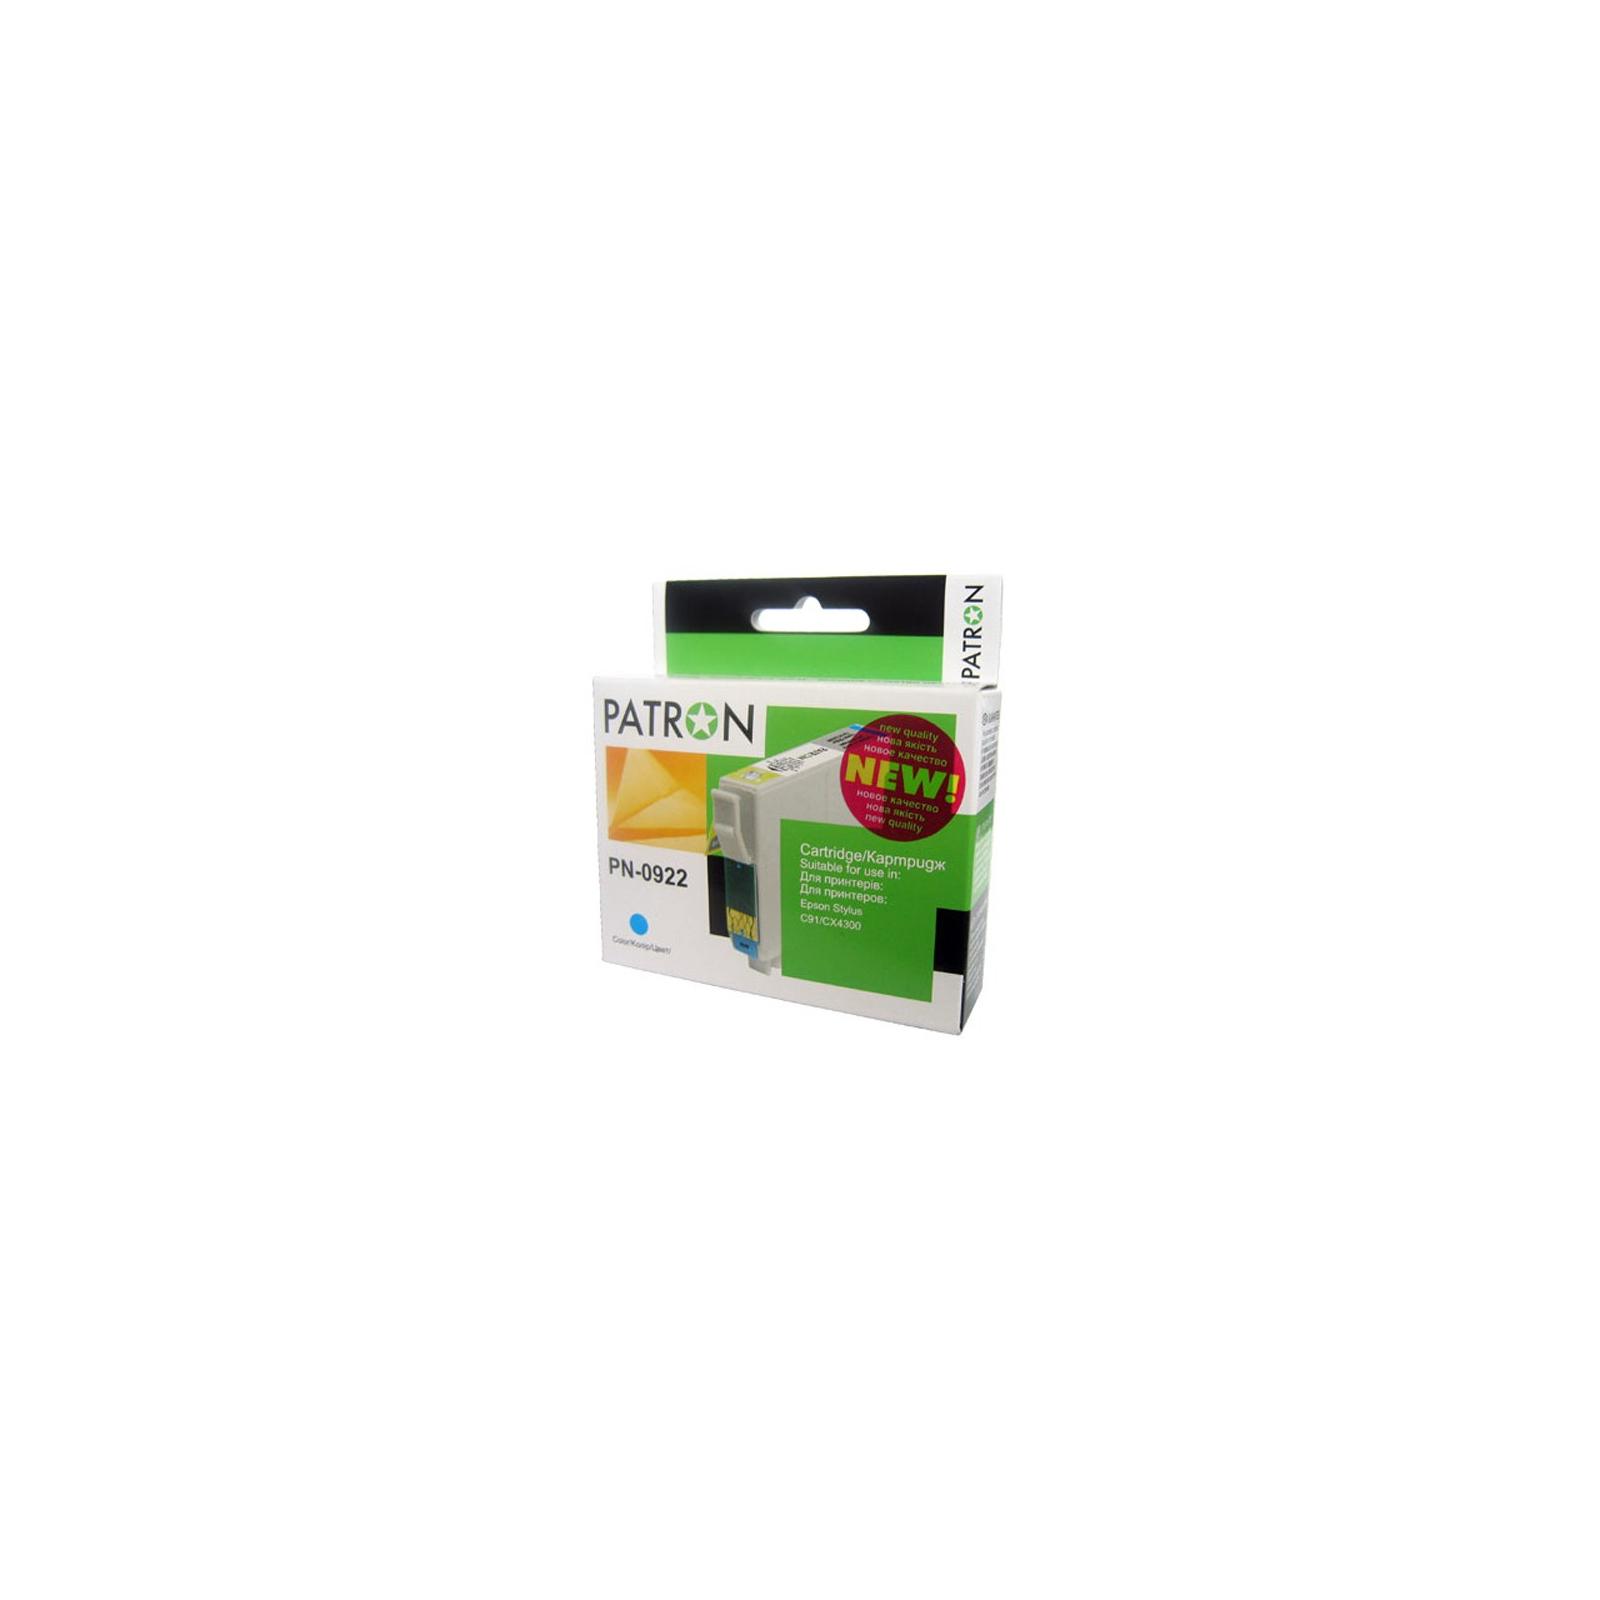 Картридж PATRON для EPSON C91/T26/27/TX106 cyan (CI-EPS-T09224A-C2-PN)